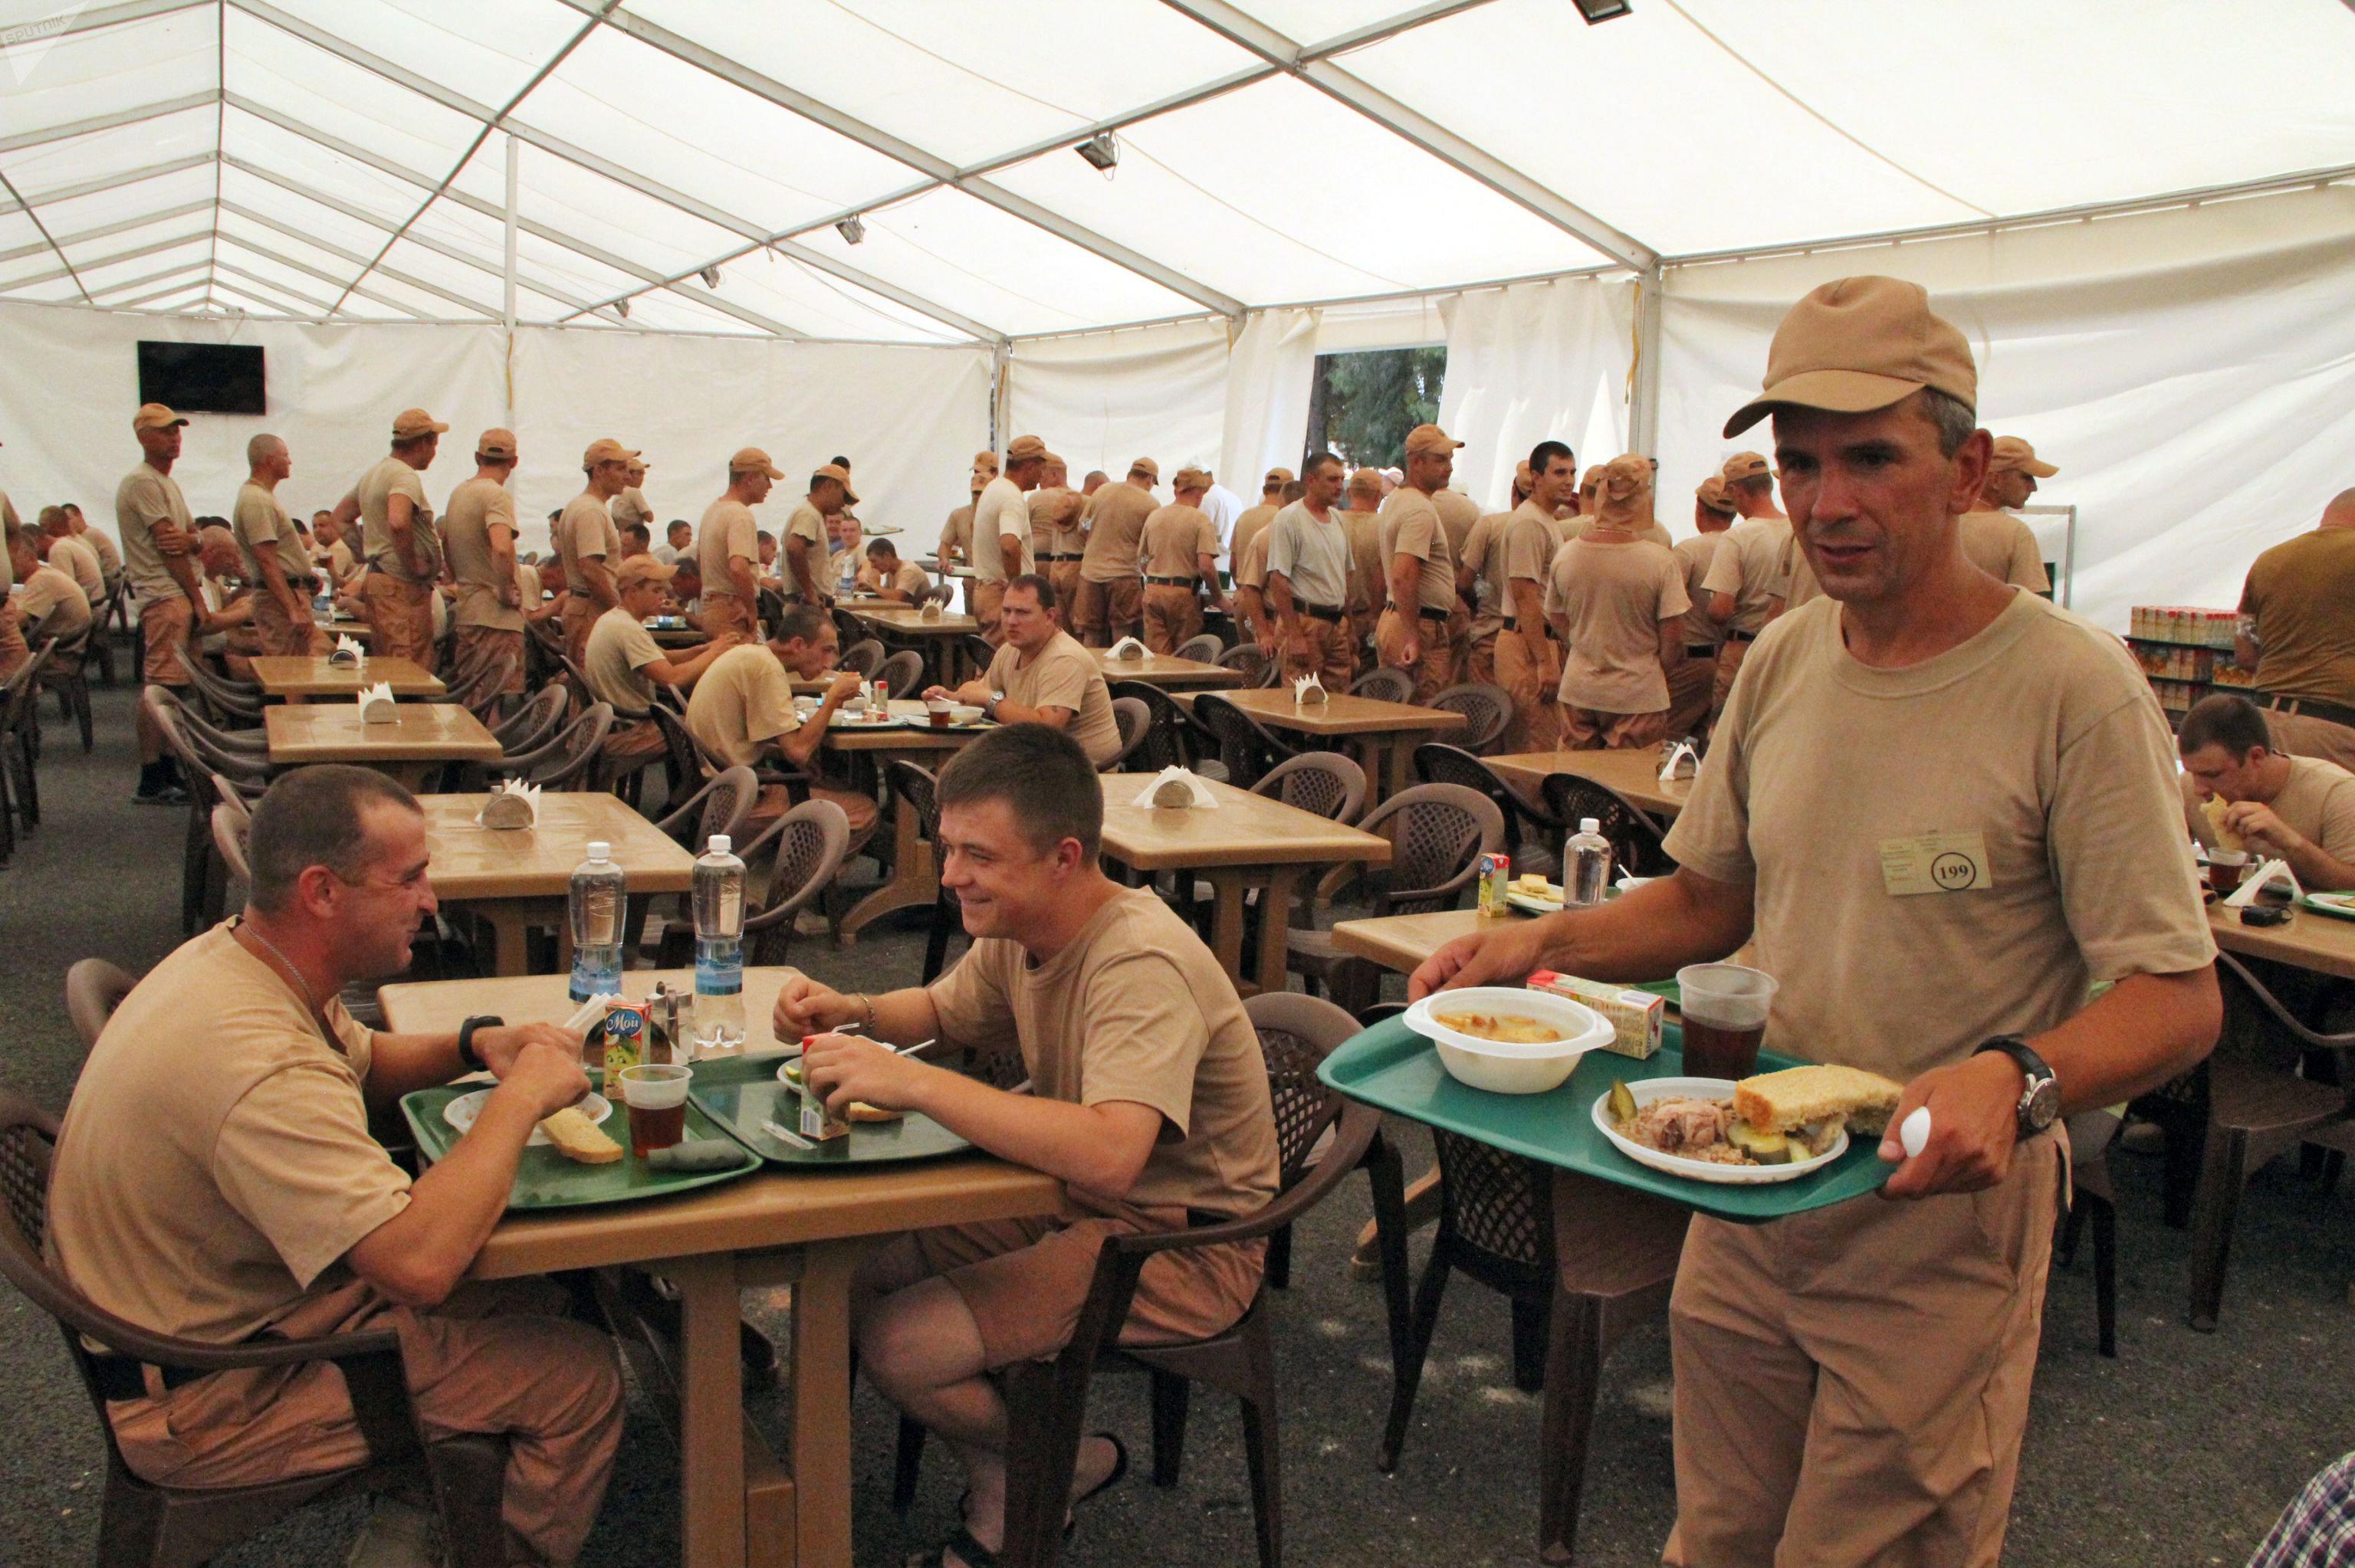 Uma cantina para os militares russos na base aérea de Hmeymim, na Síria